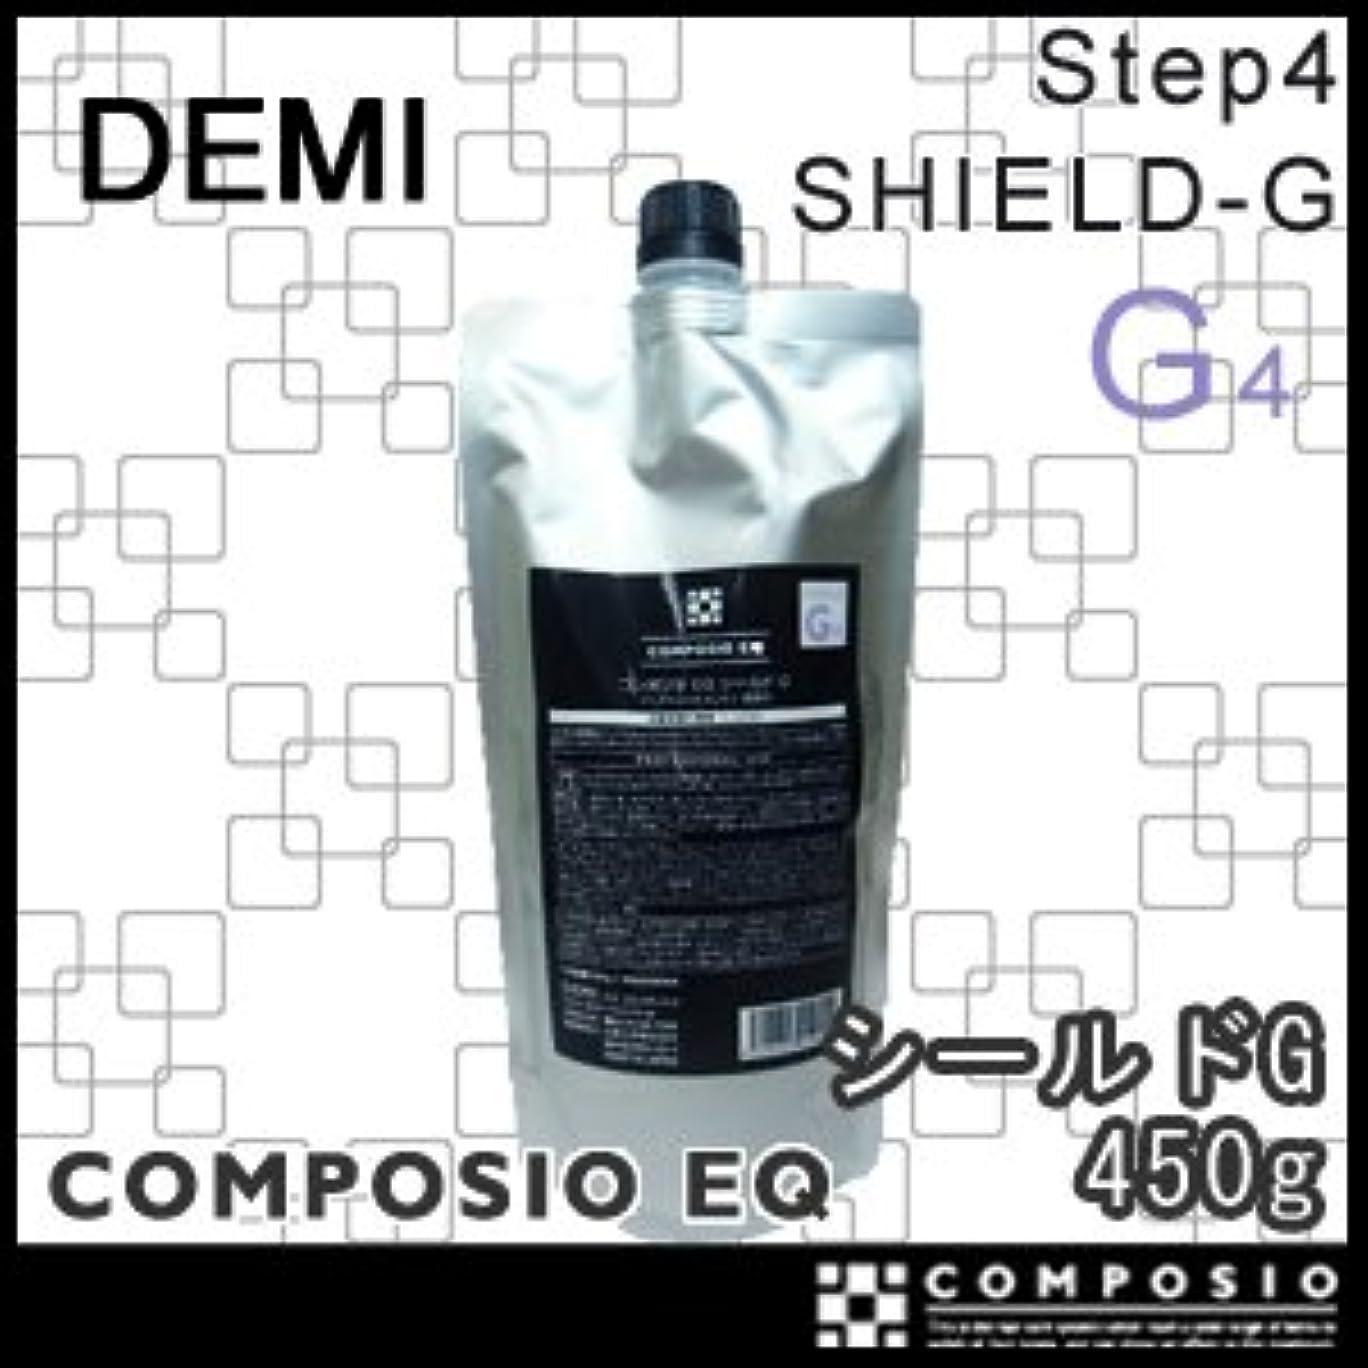 リダクター淡い物足りないデミ コンポジオ EQ シールド G 詰替え しっとりタイプ 450g